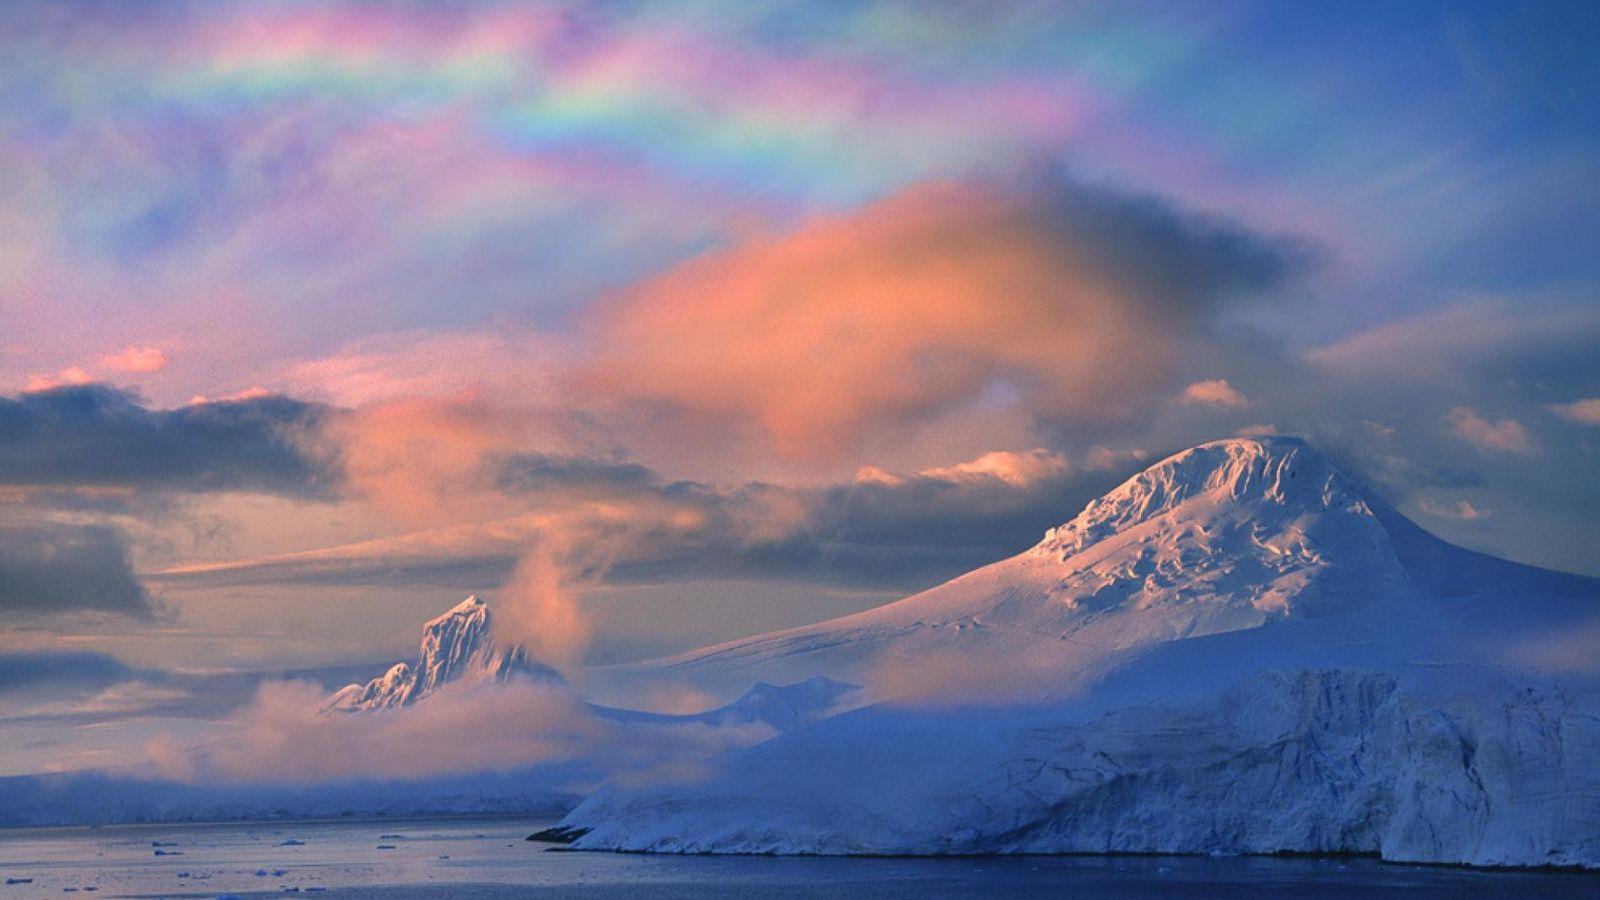 Des nuages stratosphériques polaires en Arctique aggravent le phénomène de diminution de la couche d'ozone au-dessus ...